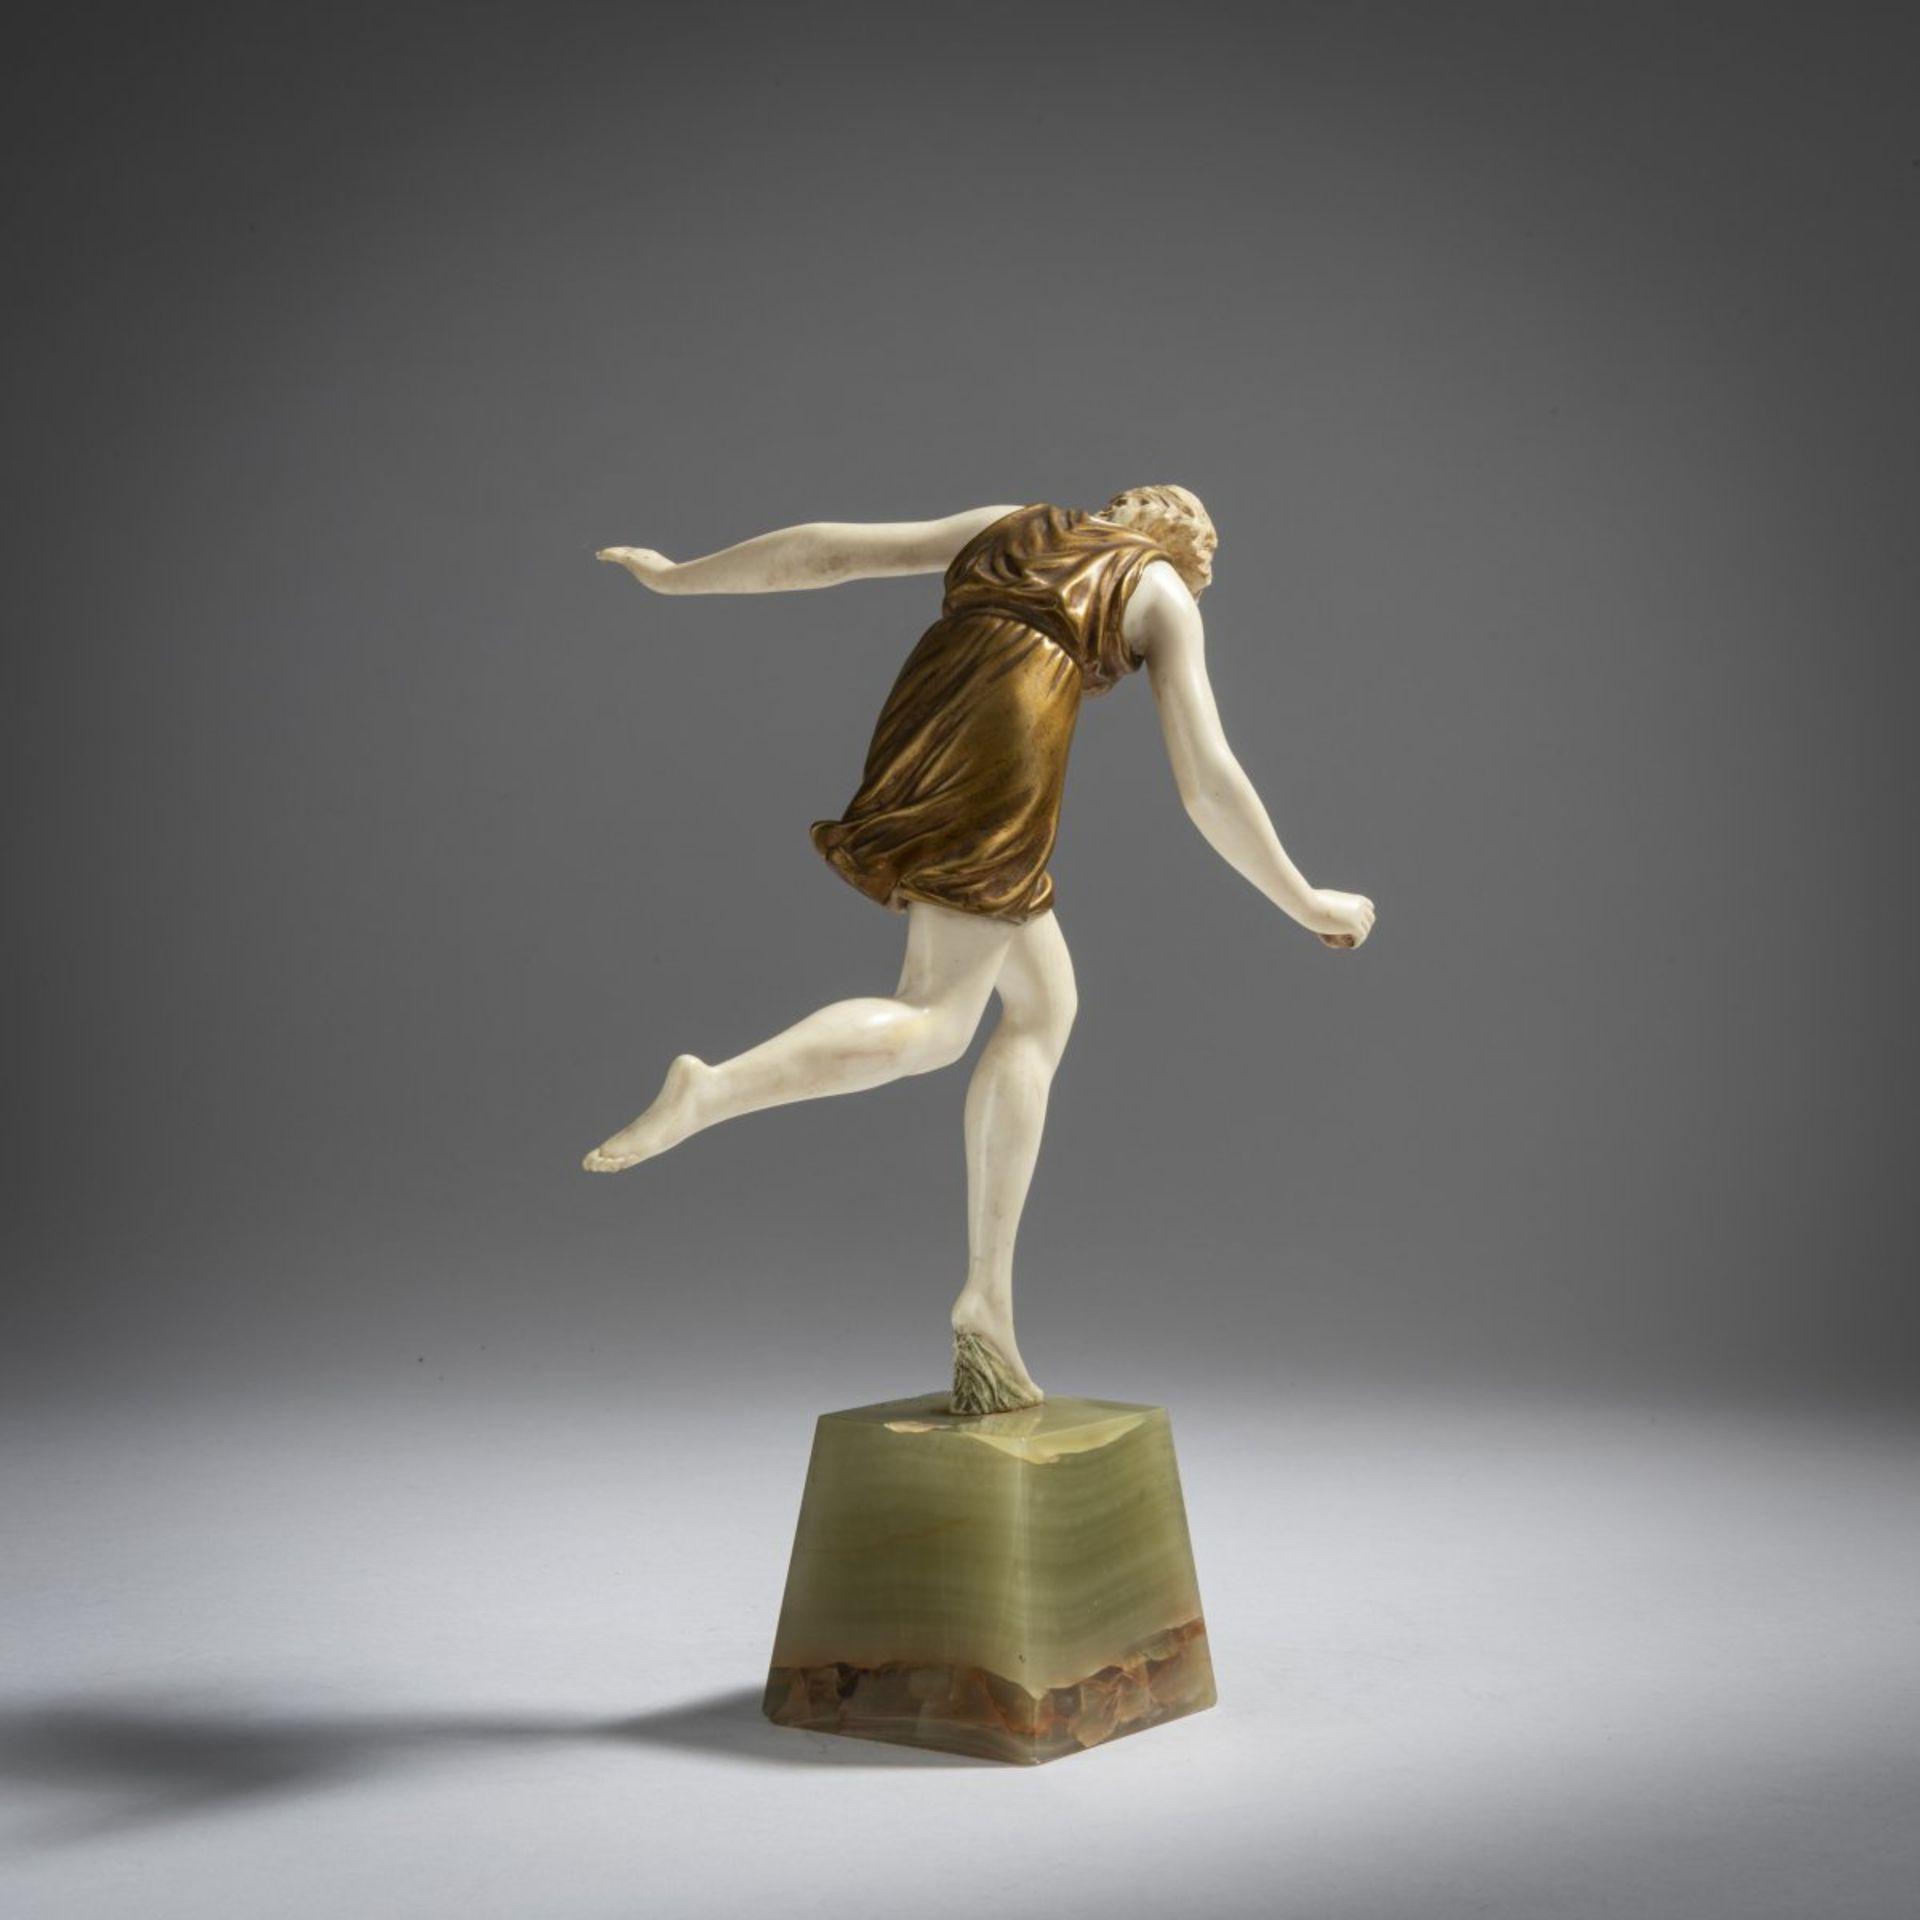 Pierre Le Faguays, Ballspielerin, 1920er Jahre - Bild 3 aus 6